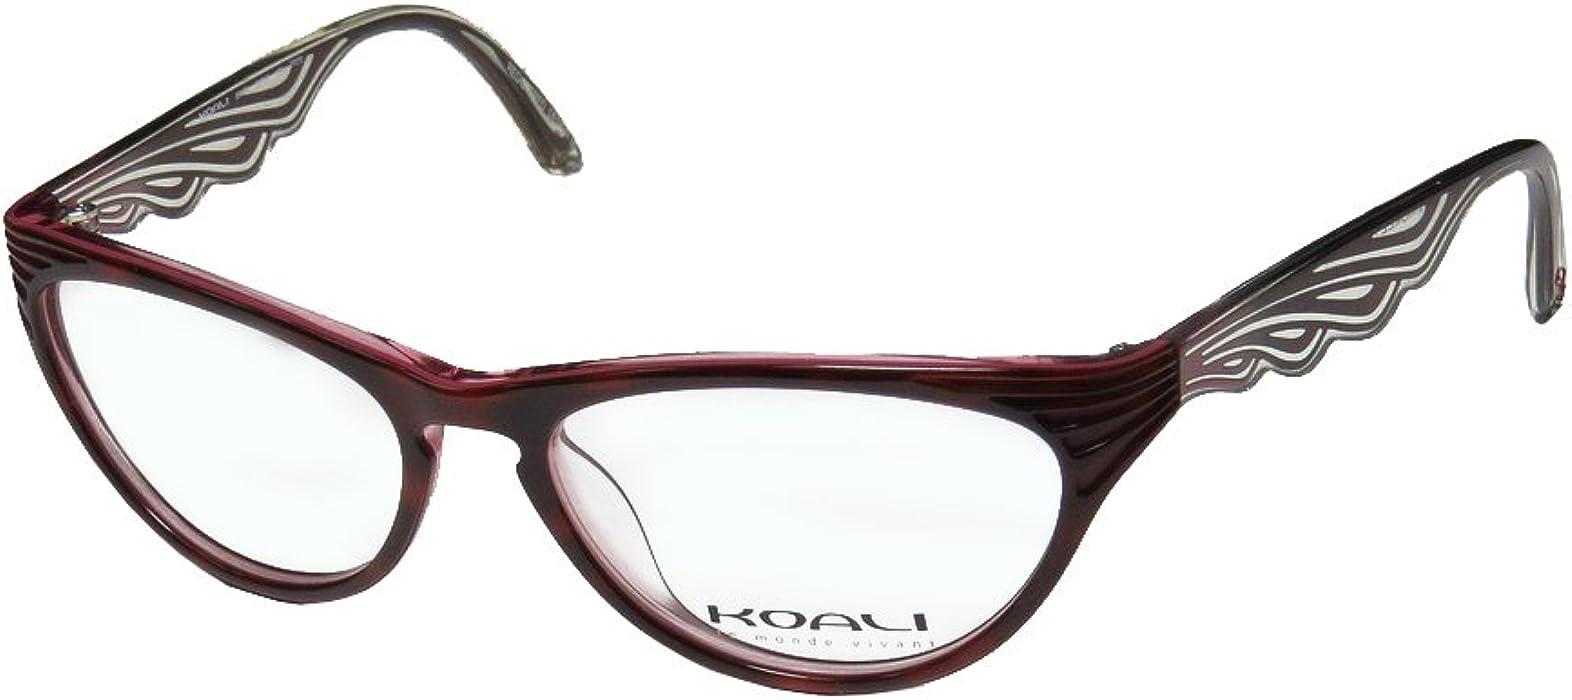 917f9744c3 ... Eyeglasses Spectacles. Koali By Morel 6945k For Ladies Women Cat Eye  Full-Rim Popular Shape In